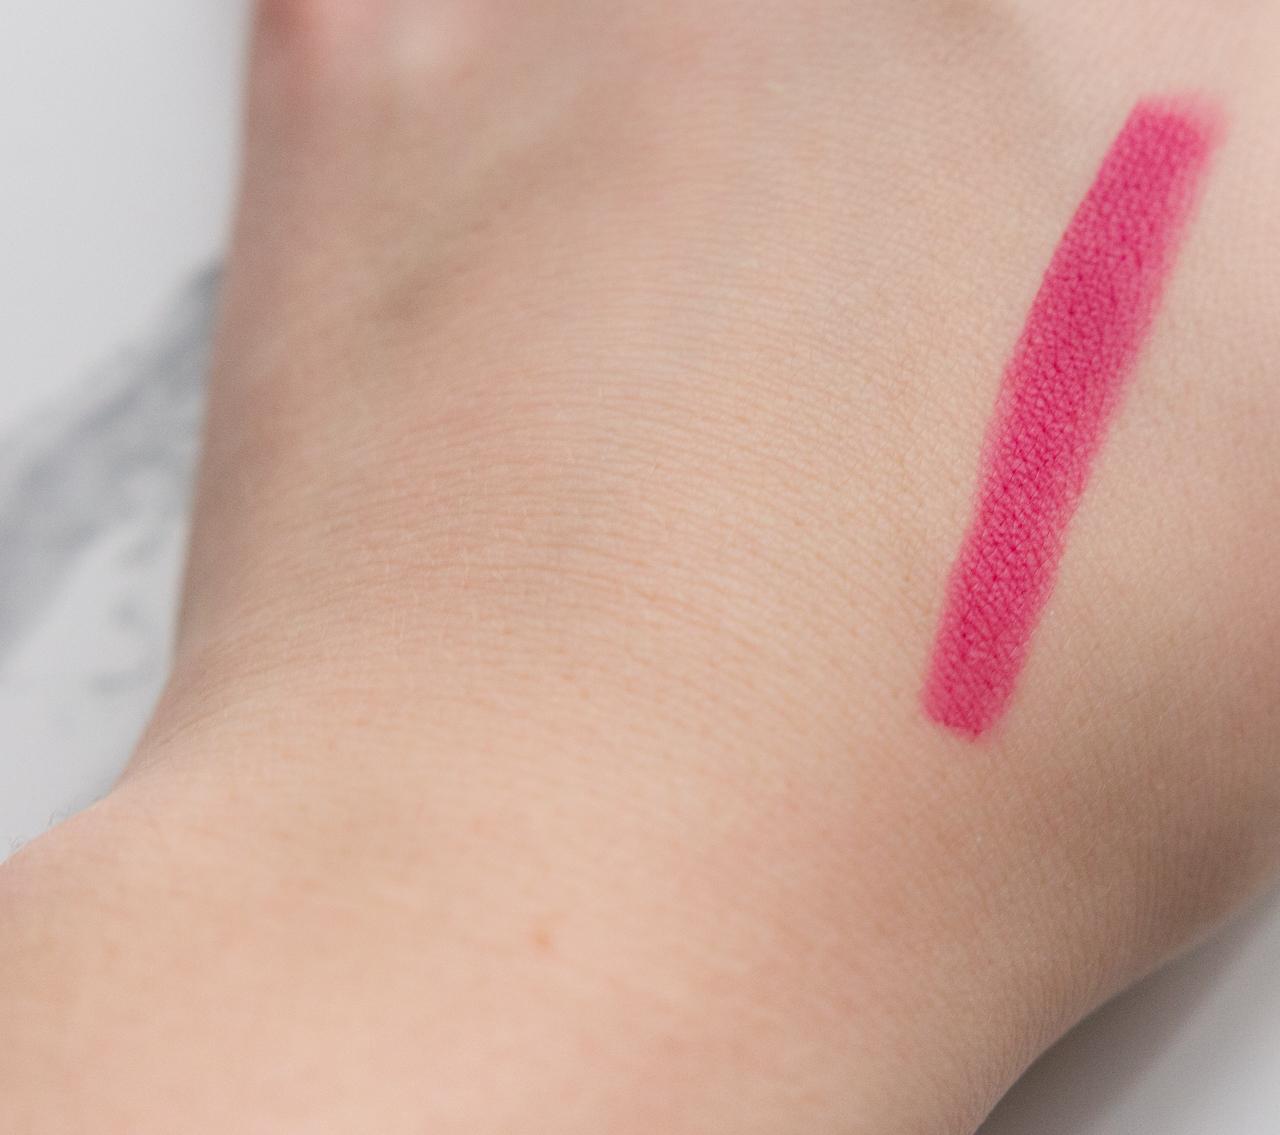 kiko dissolvant sourcils maquillage makeup haul blog blogueuse rouge à lèvres ral base primer levres yeux contouring kit